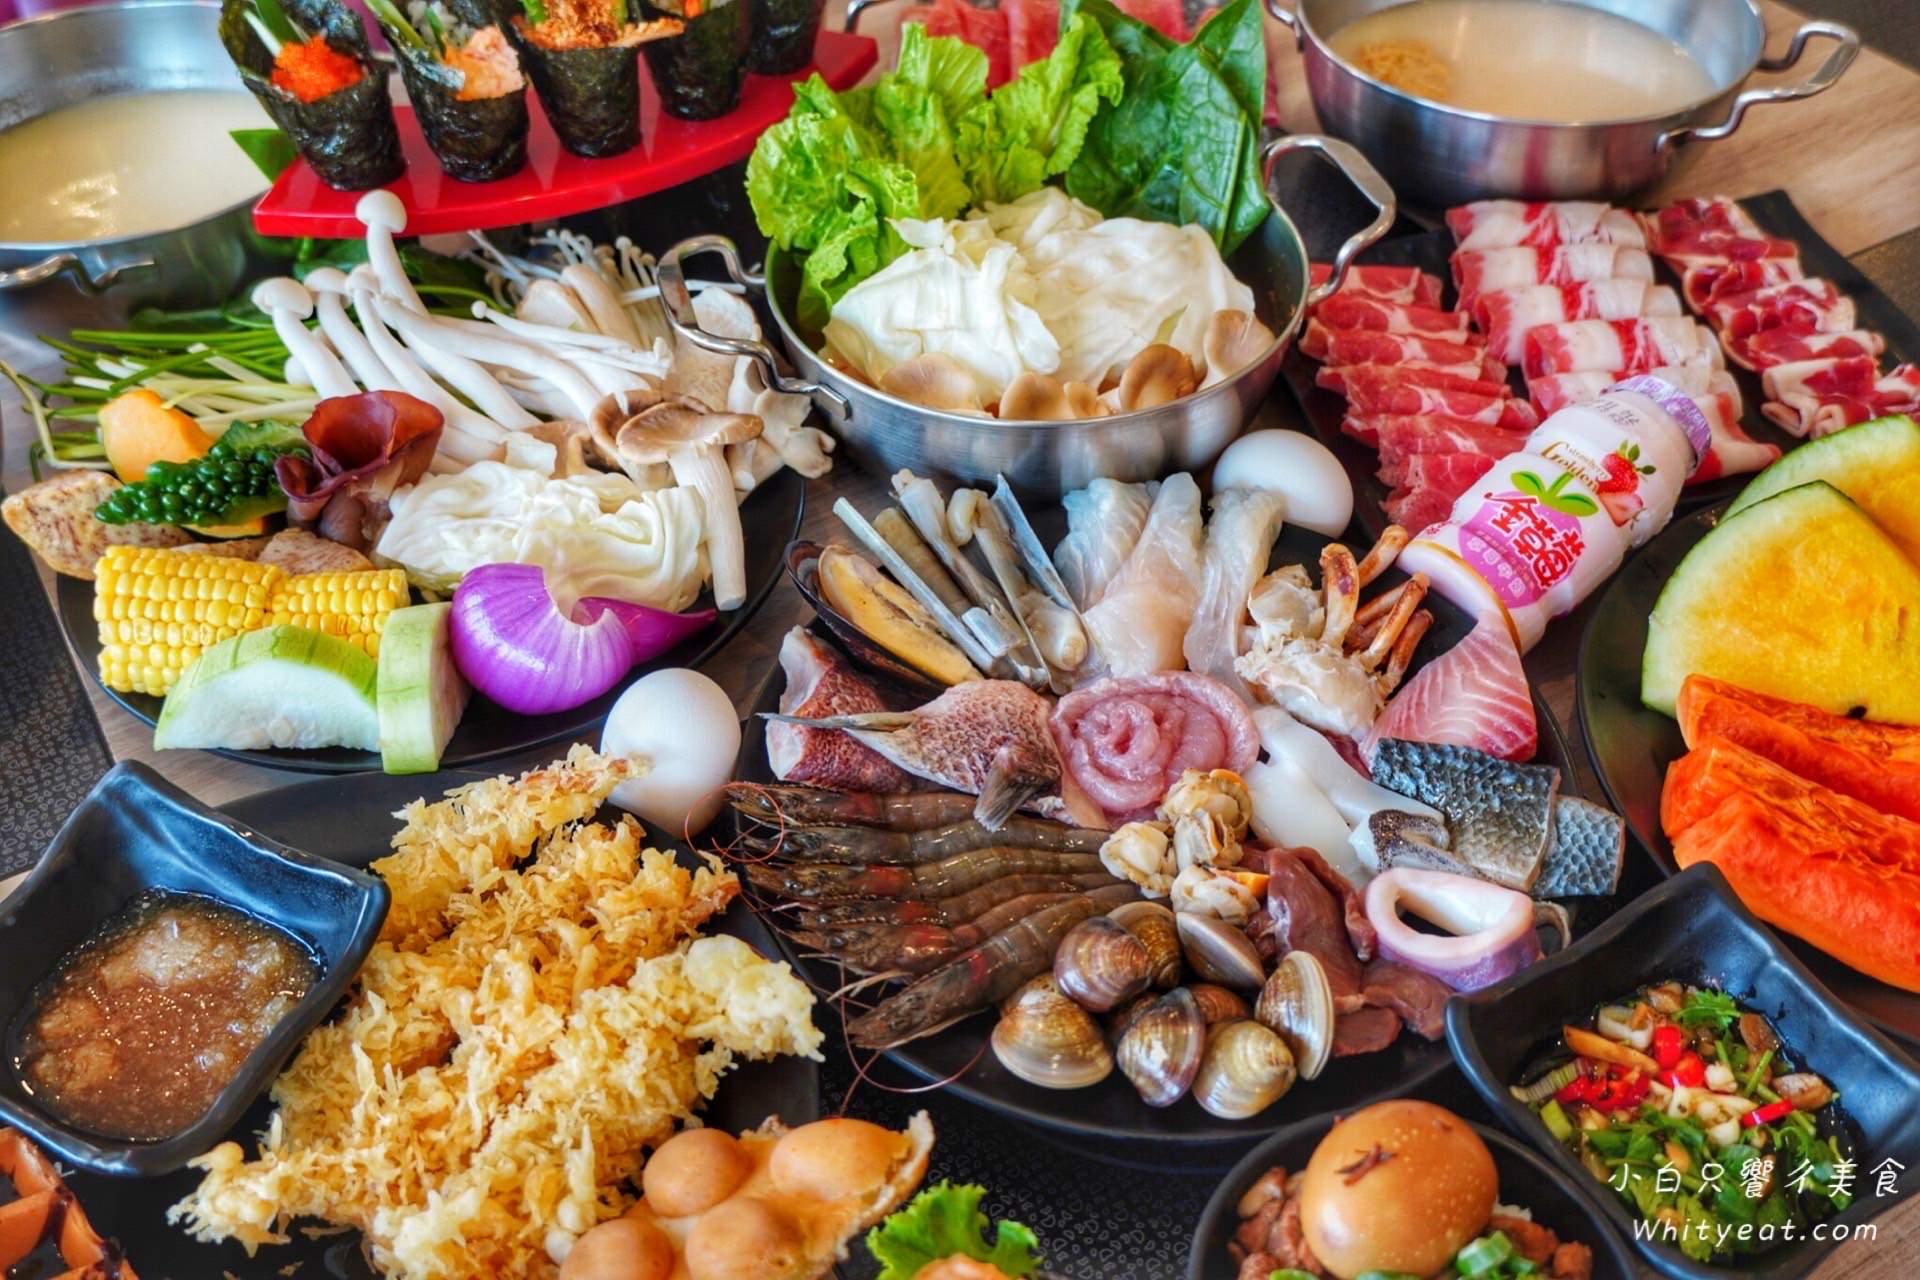 台南吃到飽【宝takara 日式涮涮鍋】上百種食材通通吃到飽 現切肉品/海鮮/壽司 每人只要四百初